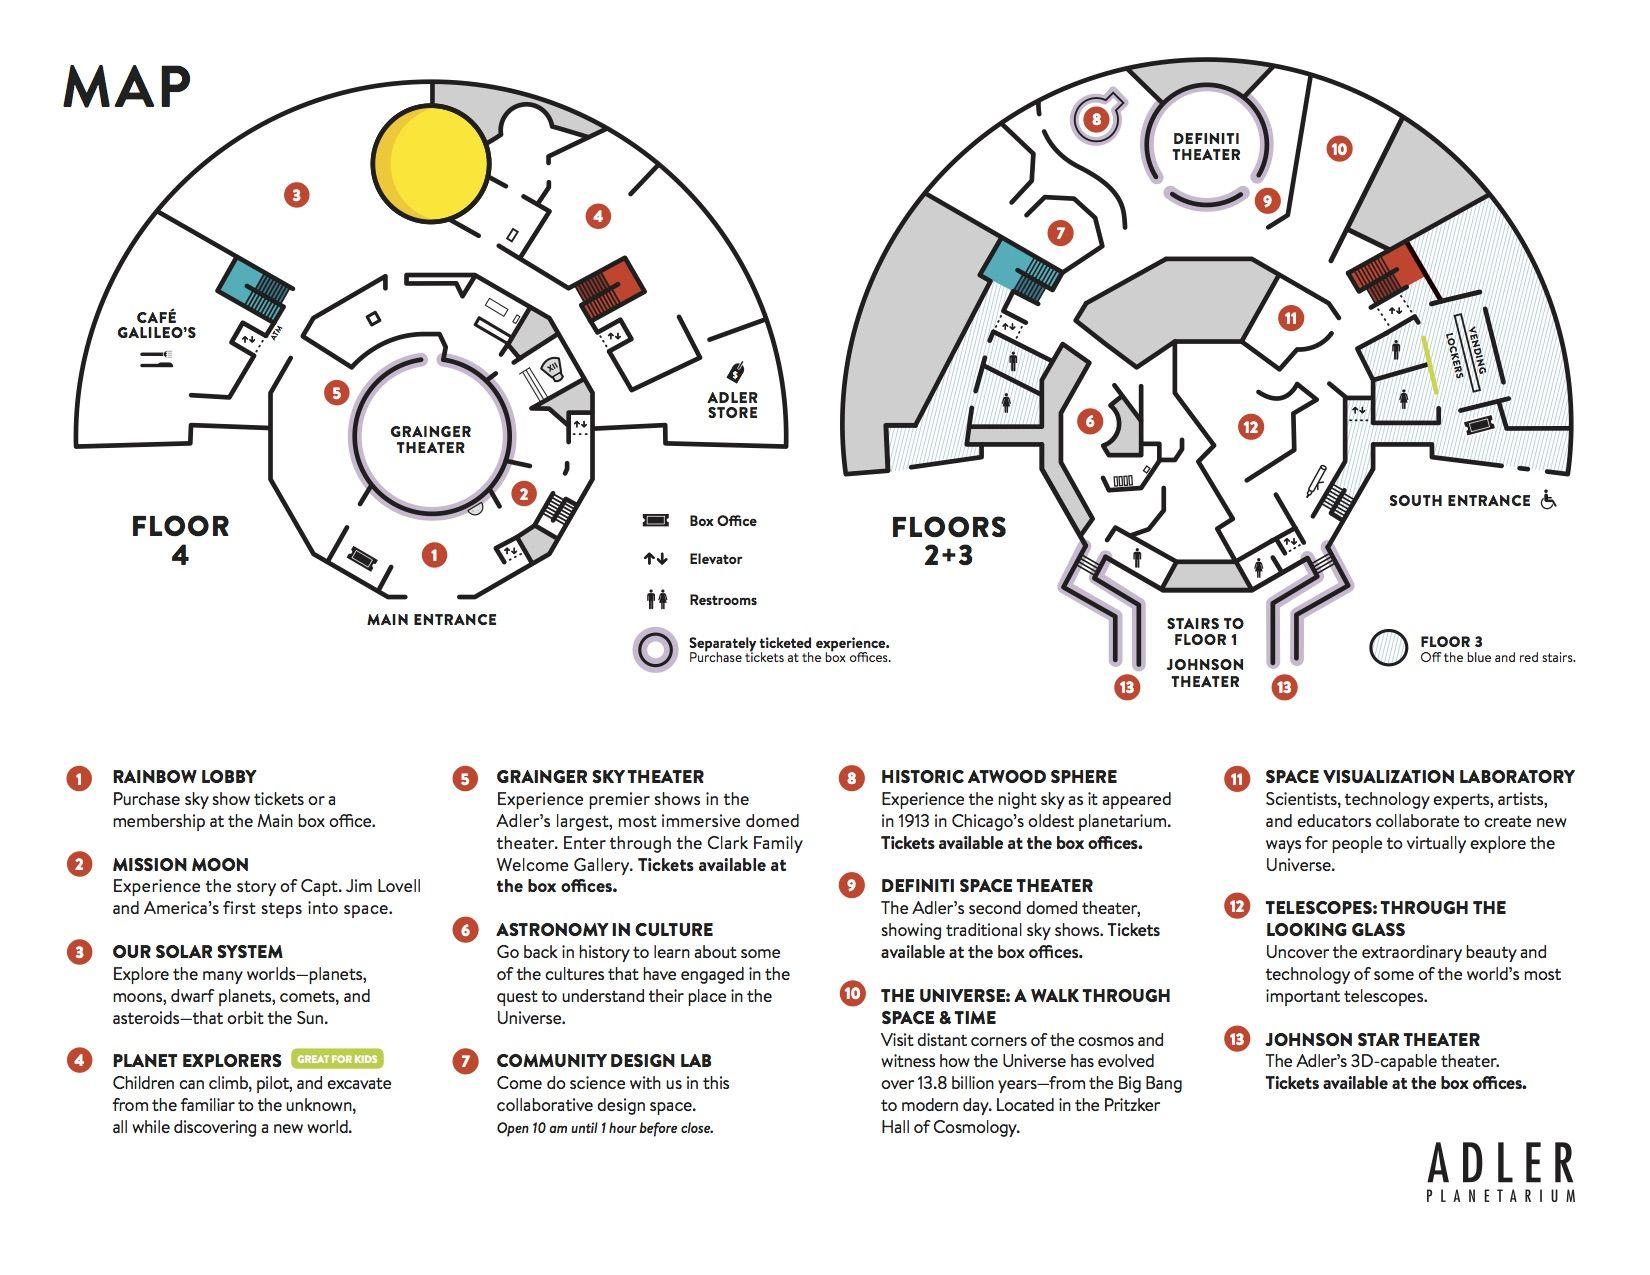 Adler Planetarium Map